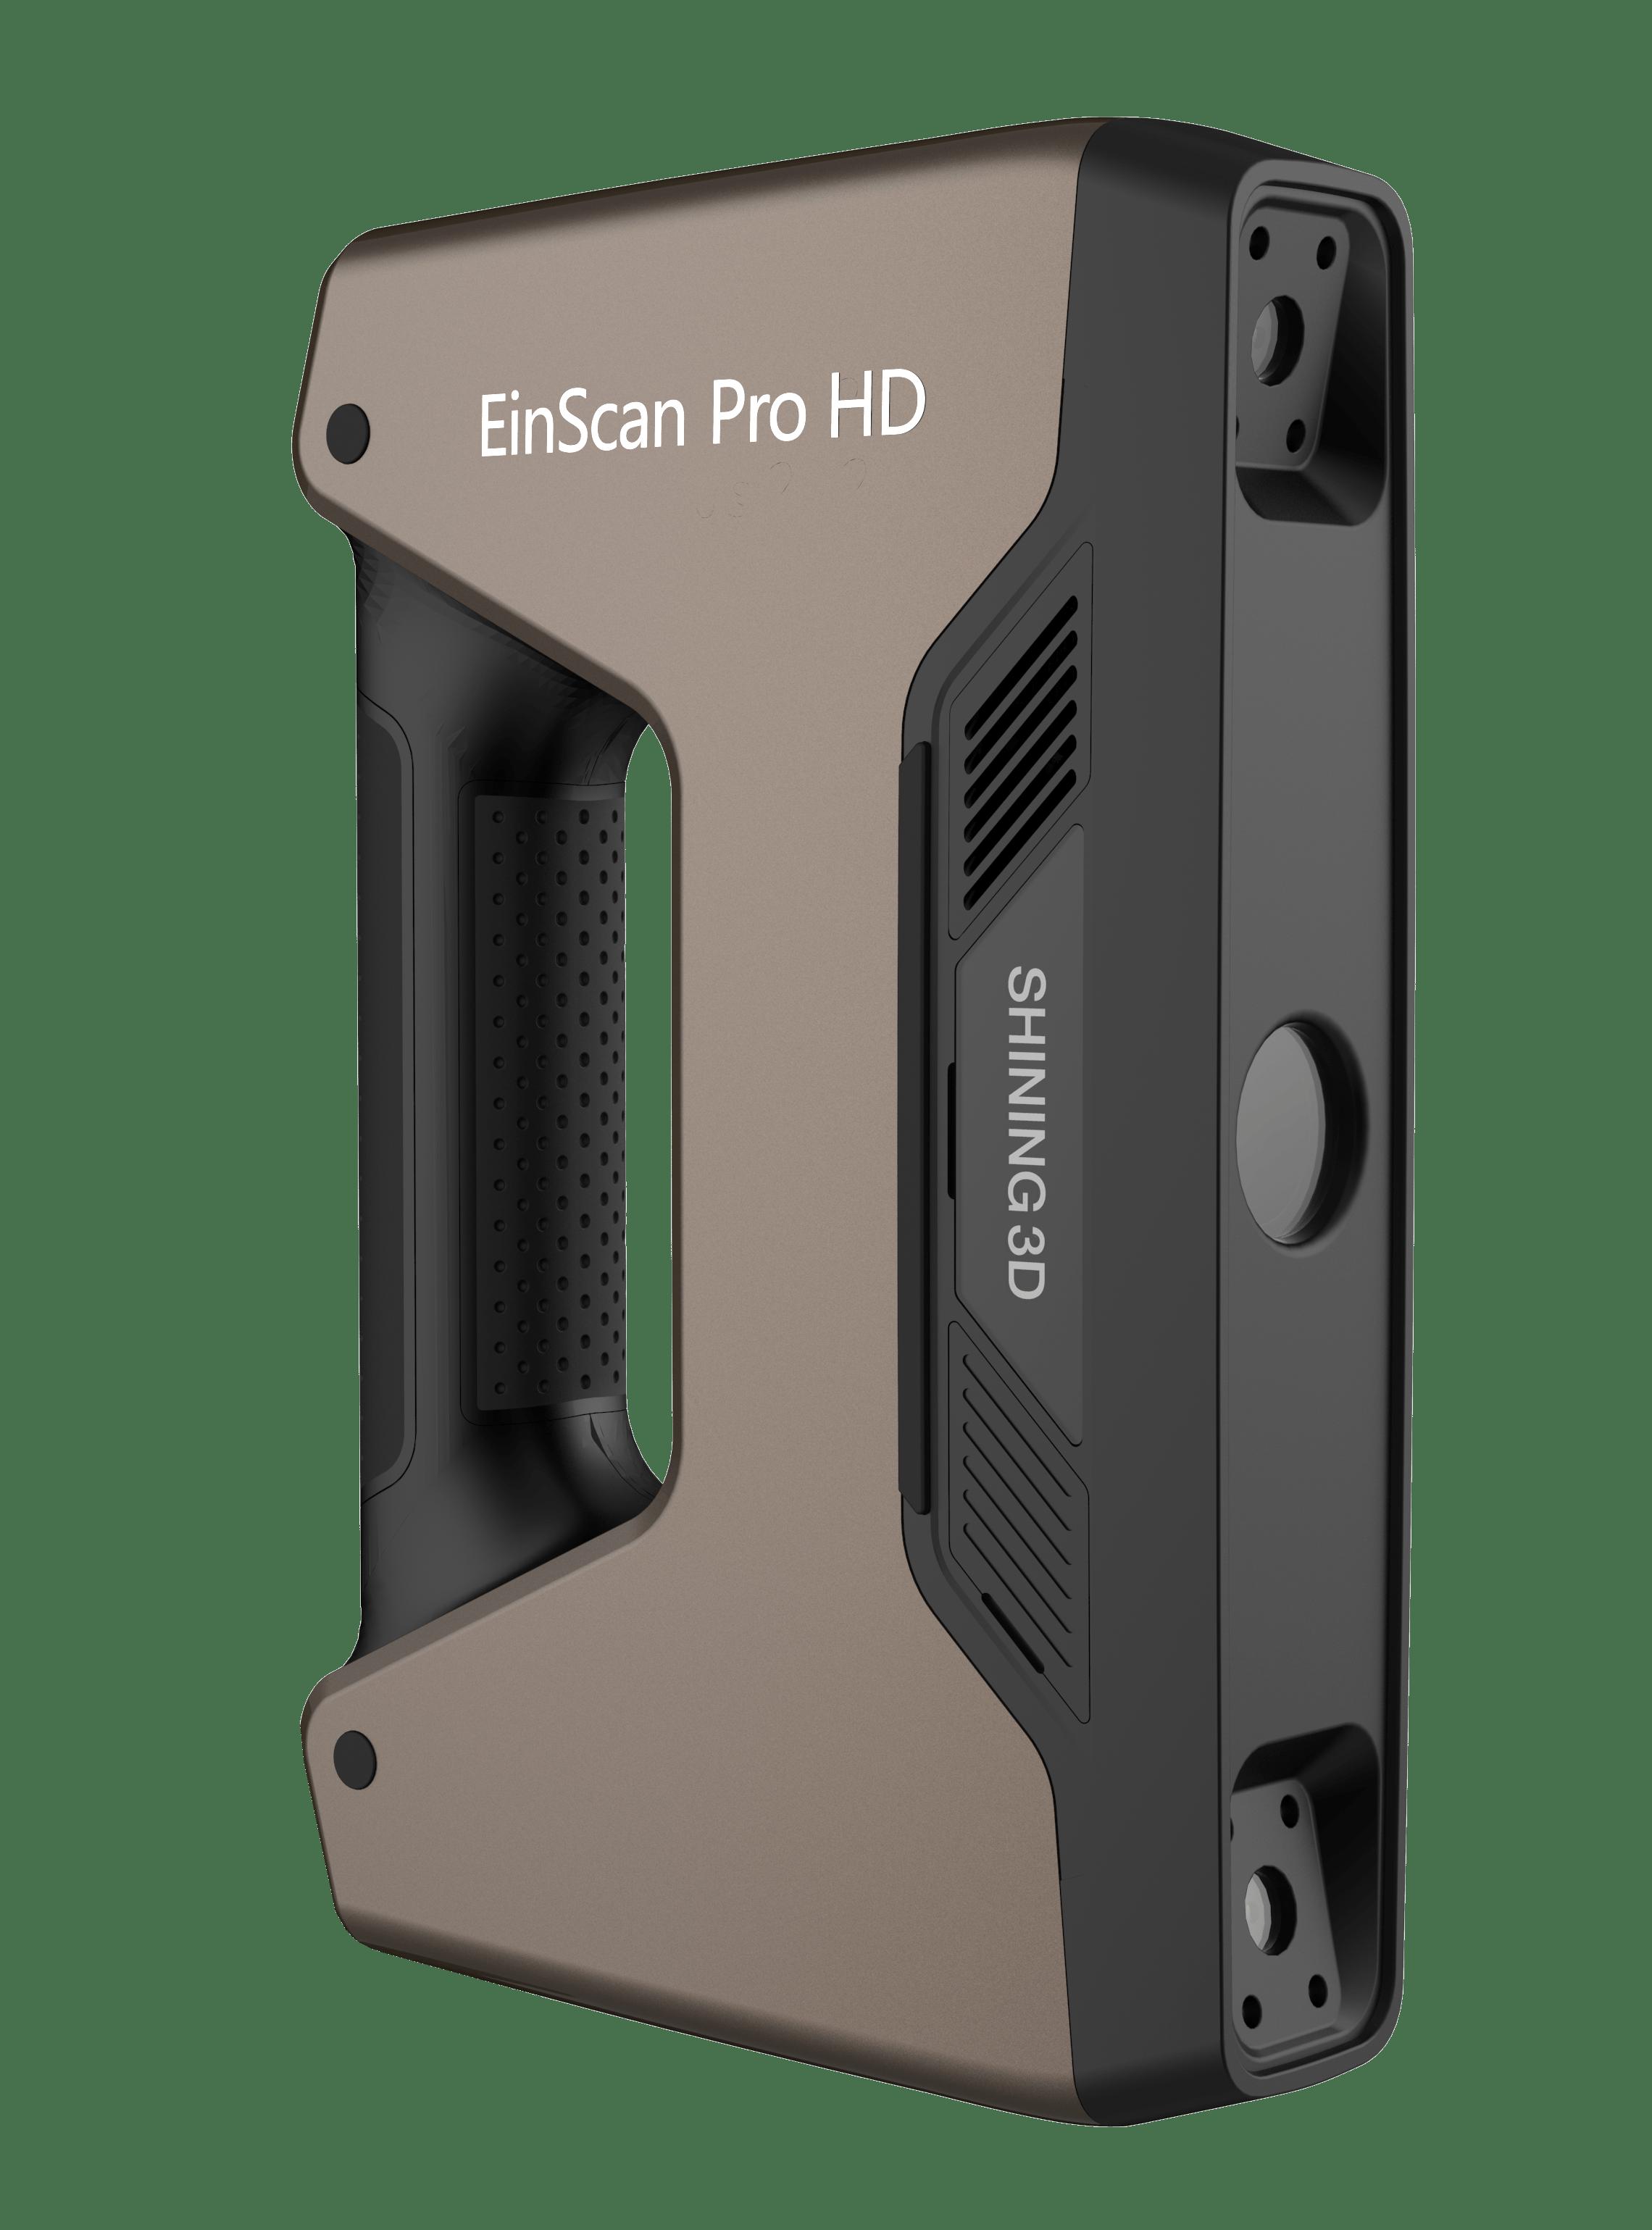 scanner-3d-portatili-luce-strutturata-einscan-pro-hd-vger